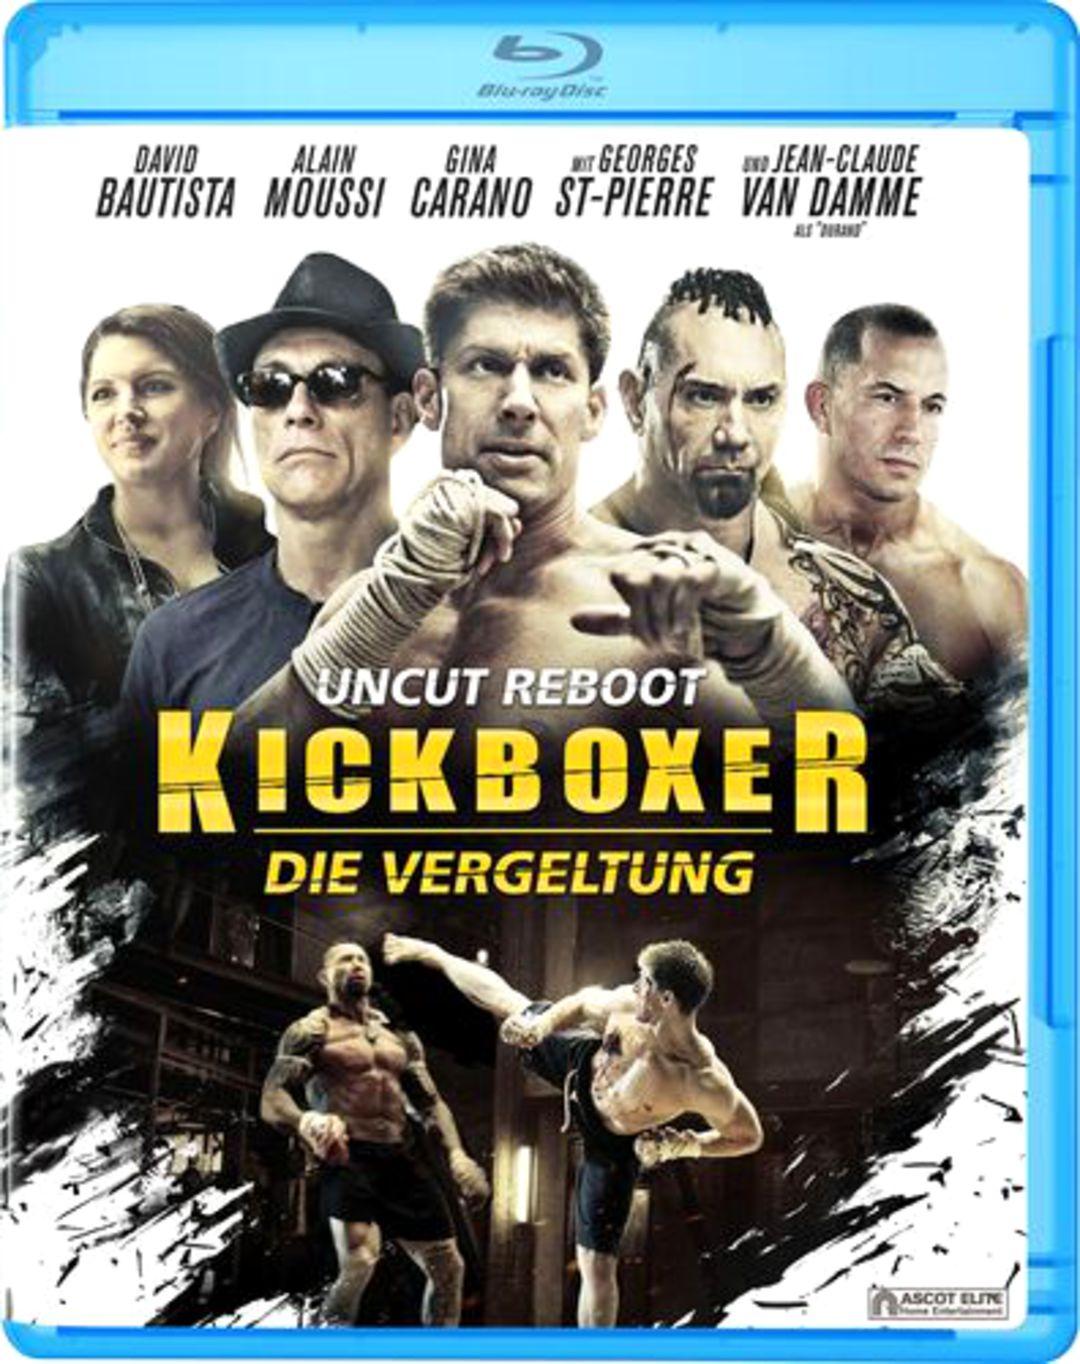 Kickboxer Trailer - Bild 1 von 8